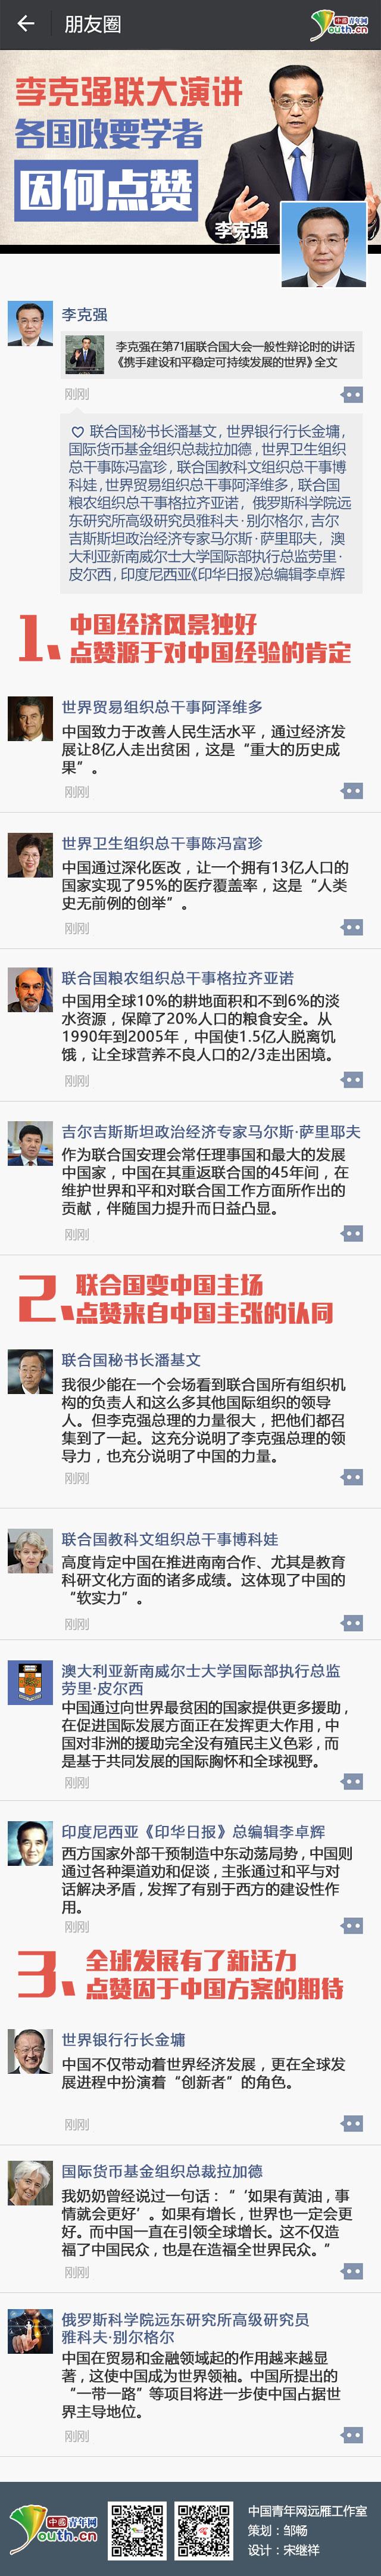 李克强联大演讲 各国政要学者因何点赞 中国青年网 触屏版